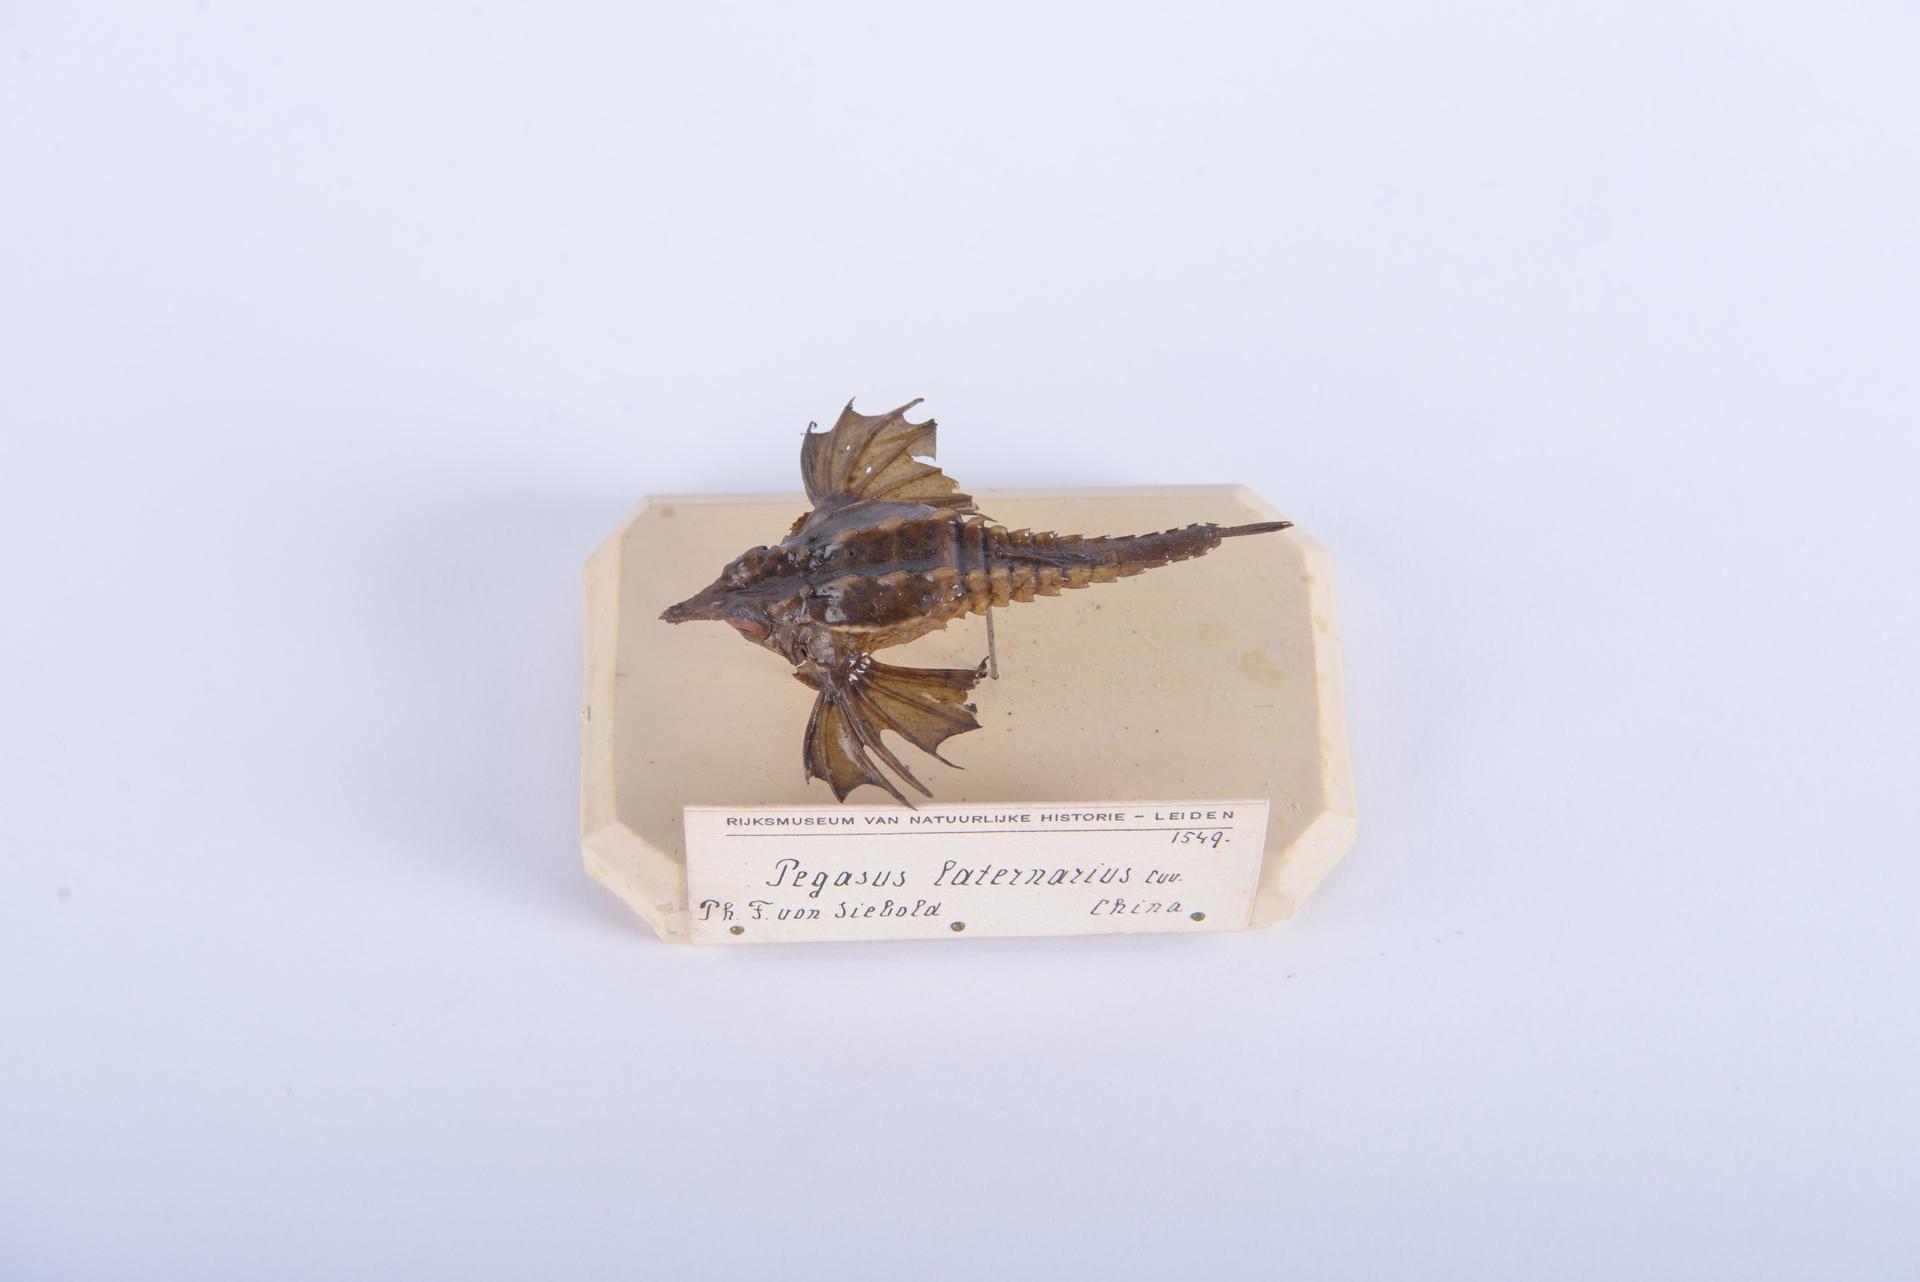 RMNH.PISC.D.1549   Pegasus laternarius Cuvier, 1816